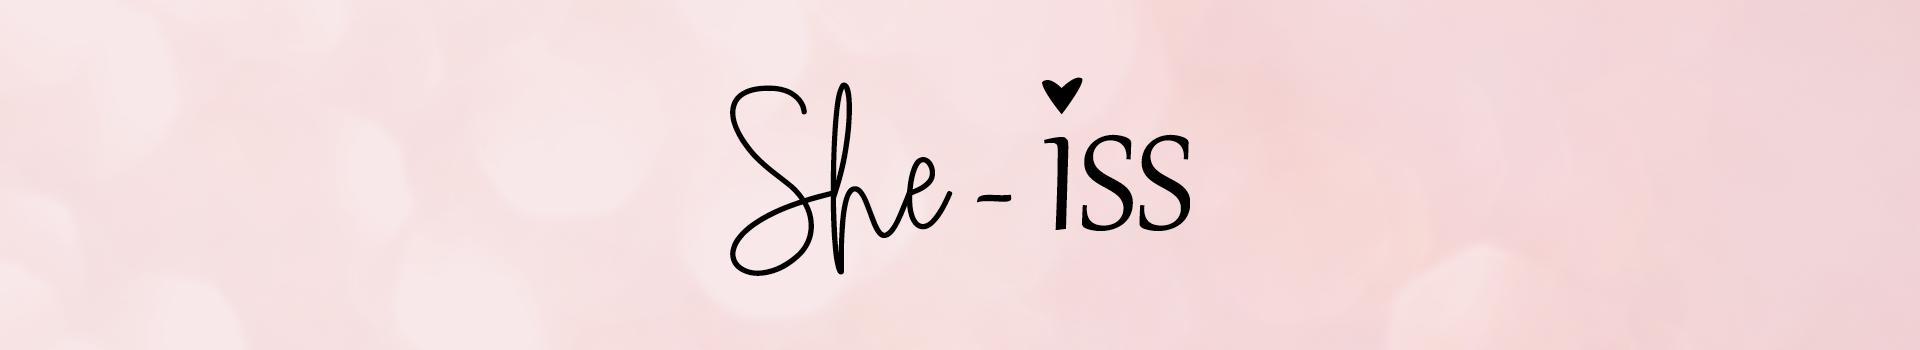 Banner Merk She-iss